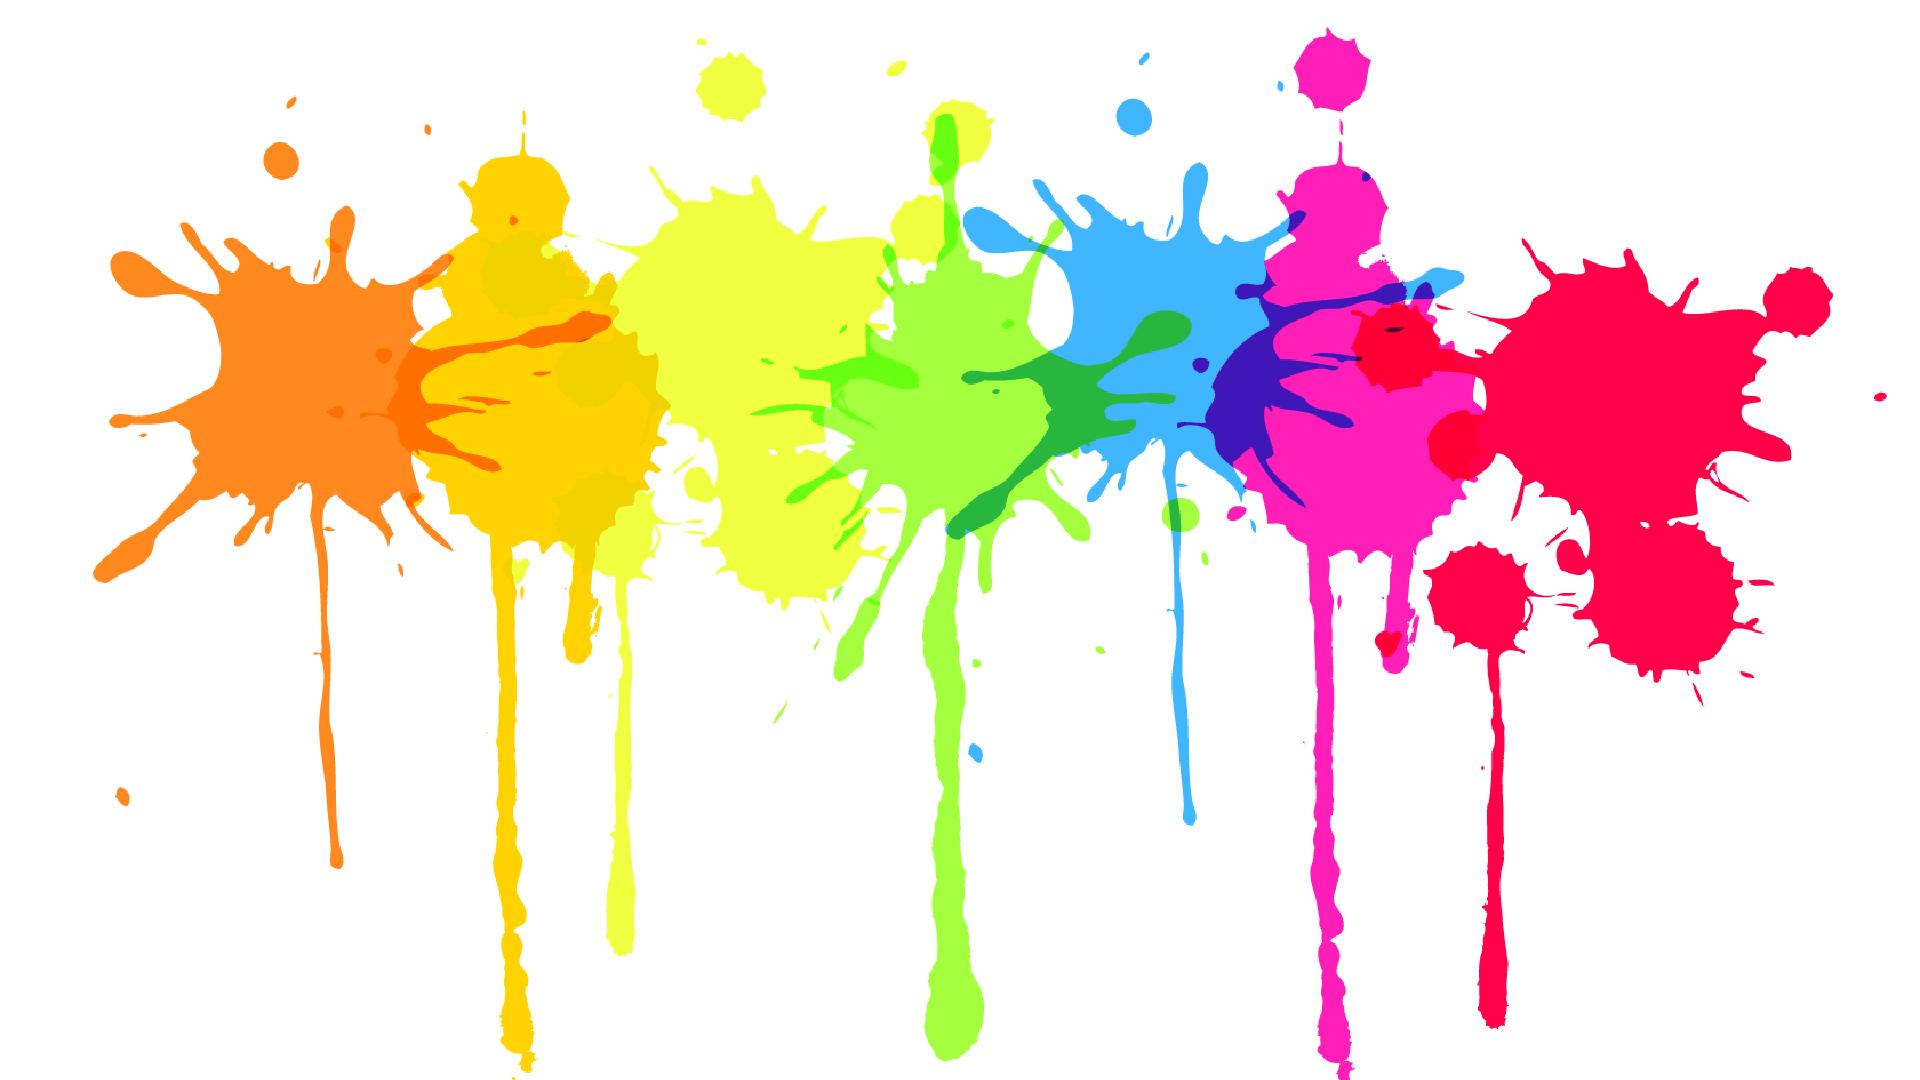 Paint Splatter Clipart Panda Free Clipart Images.